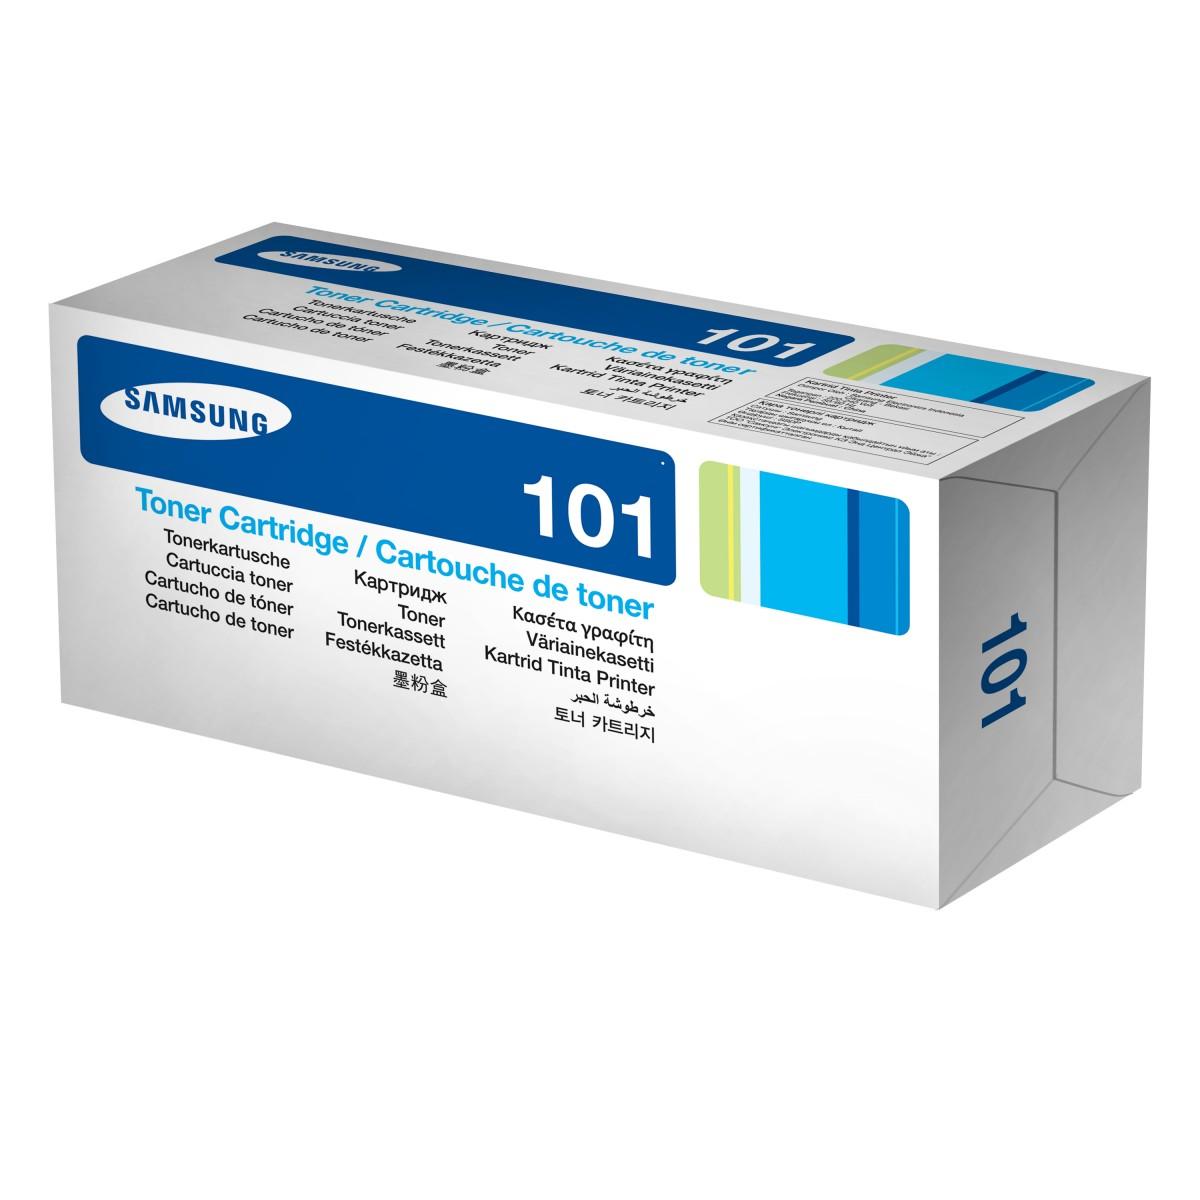 Toner Original Samsung MLT-D101S - Preto  - ShopNoroeste.com.br